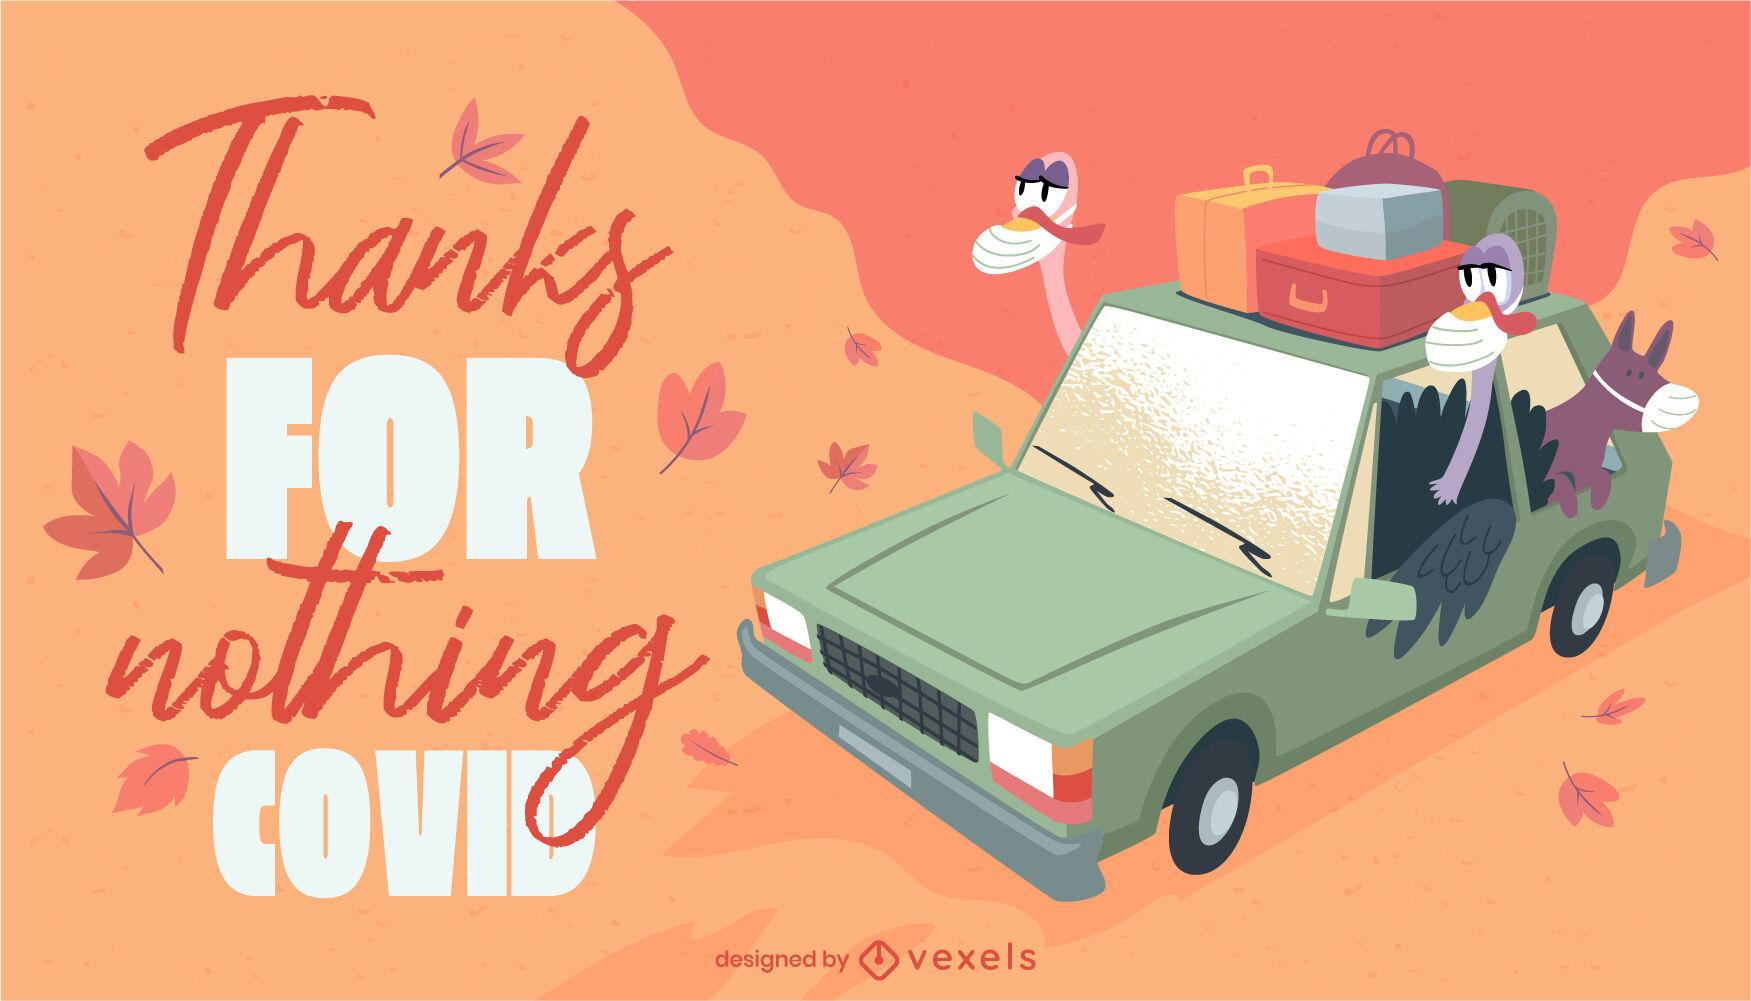 Thanksgiving cartoon turkeys covid lettering